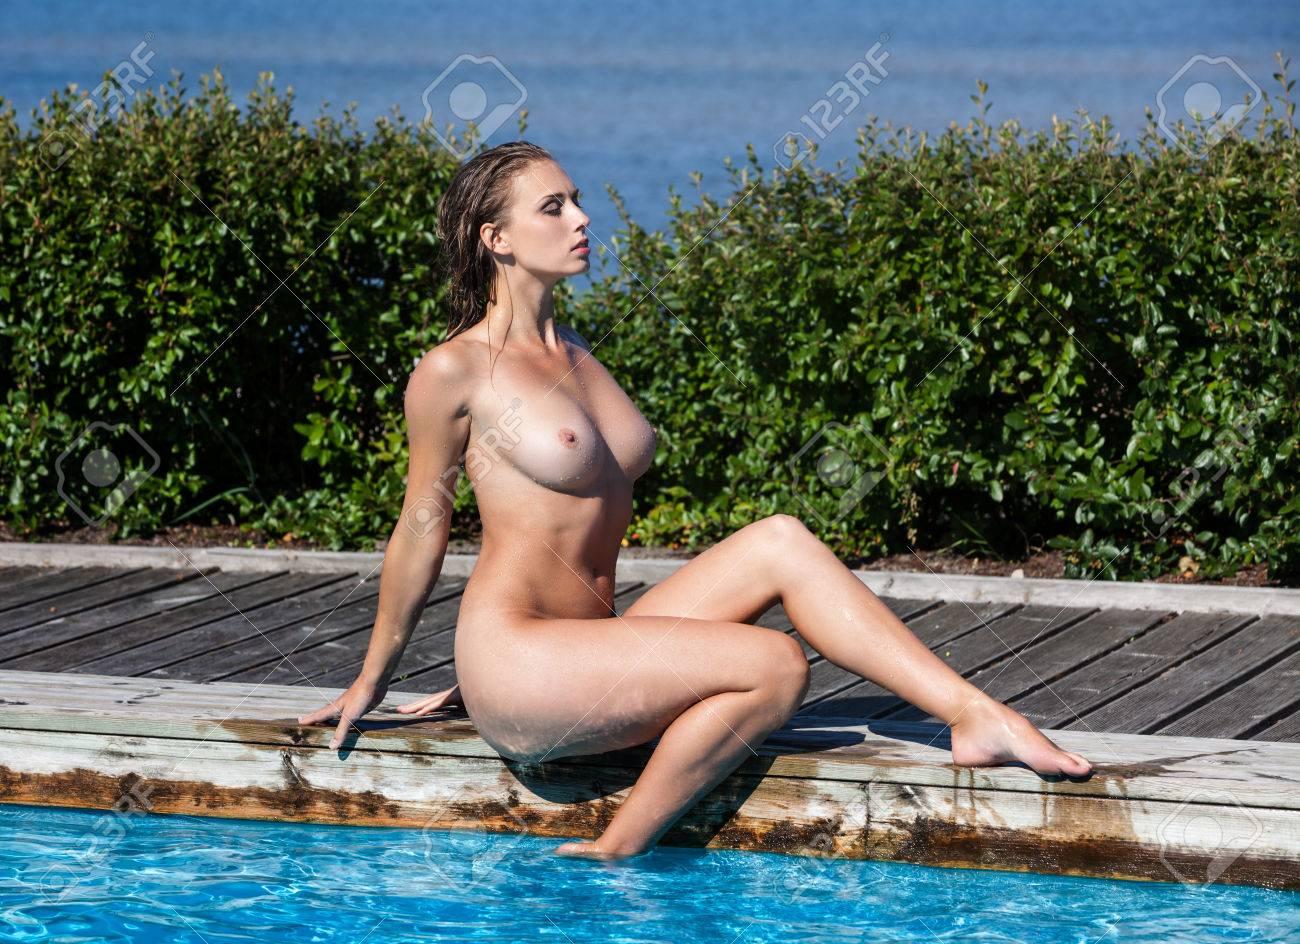 Mädchen schwimmbad nackte im Beeindruckende frische,